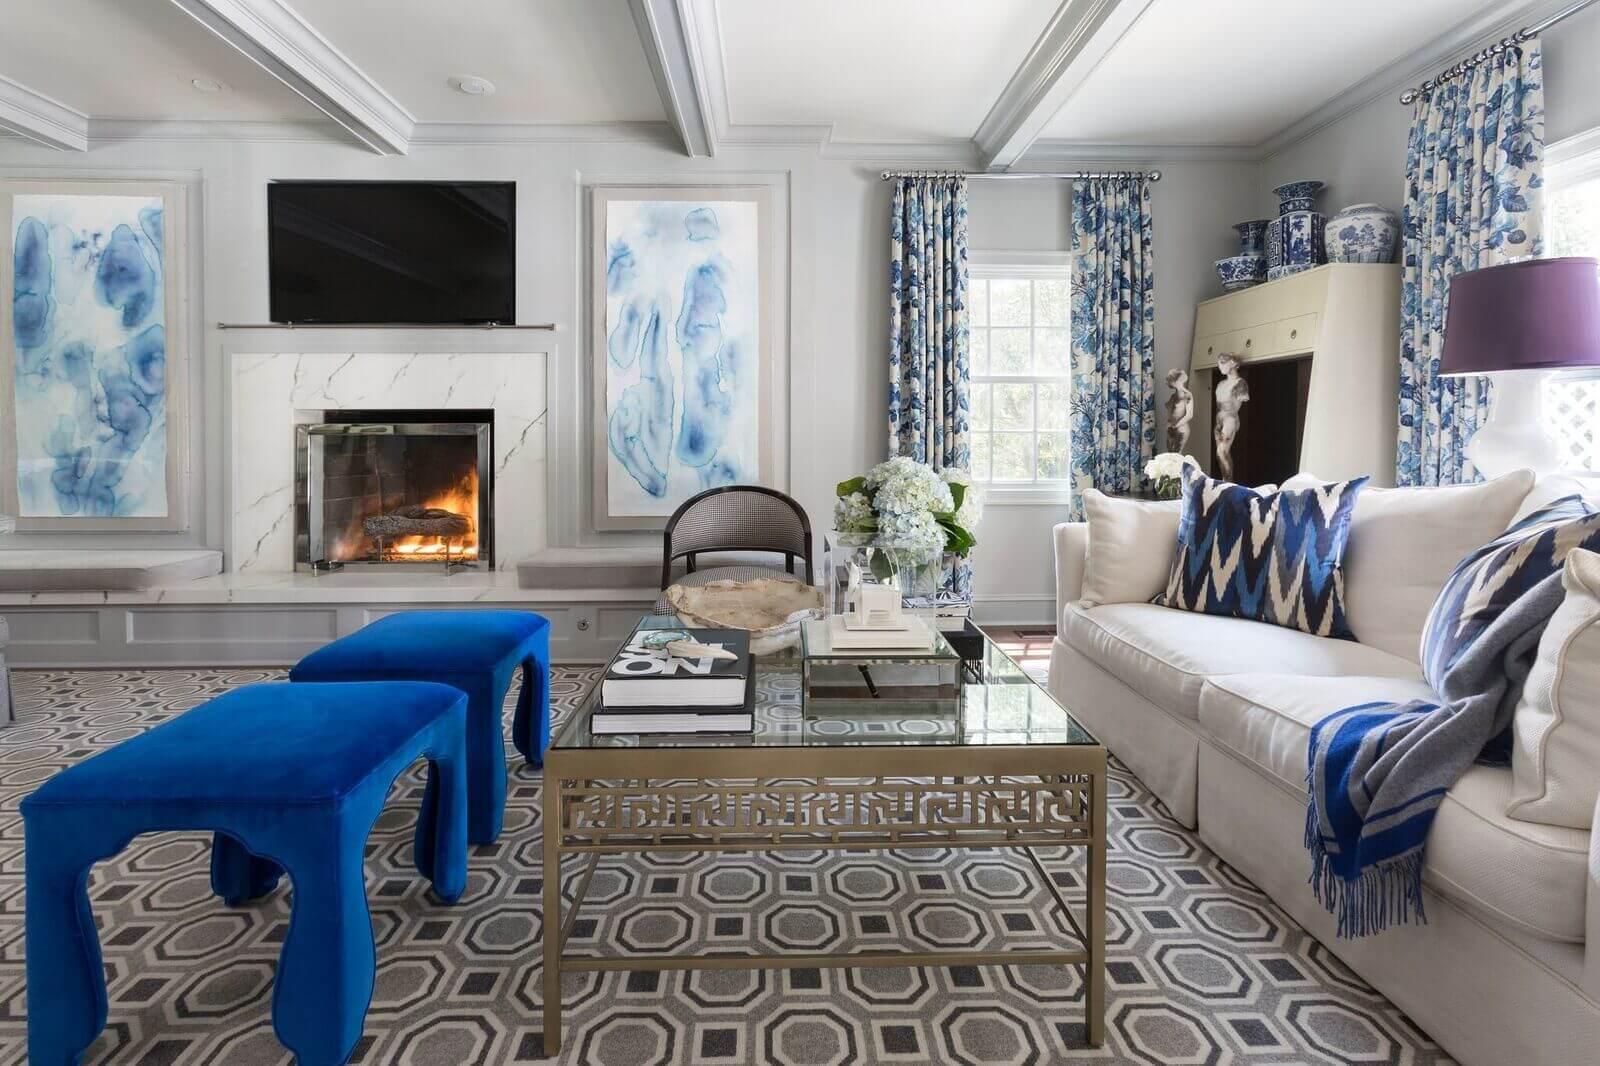 Tobi fairley our newest interior designer crush save malvernweather Images